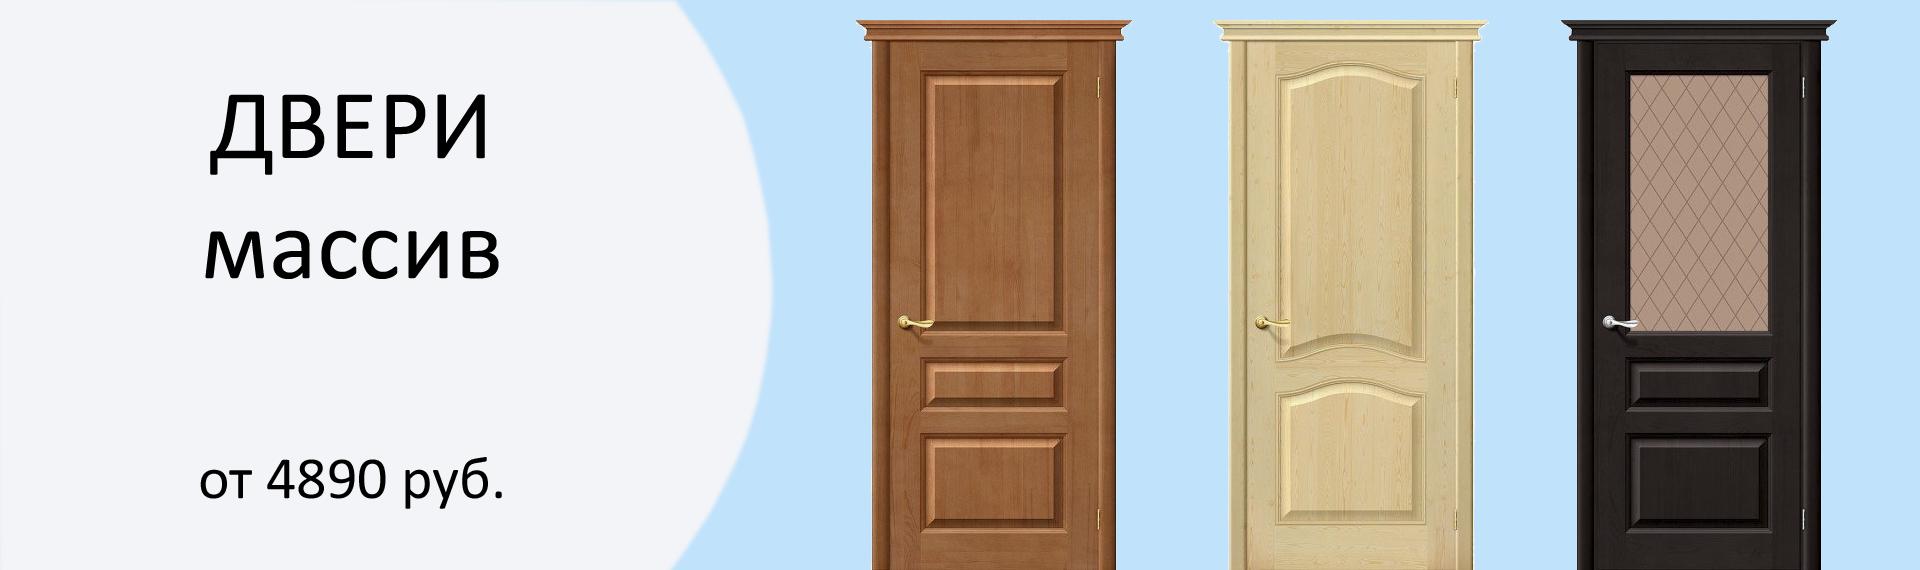 Качественные складные двери